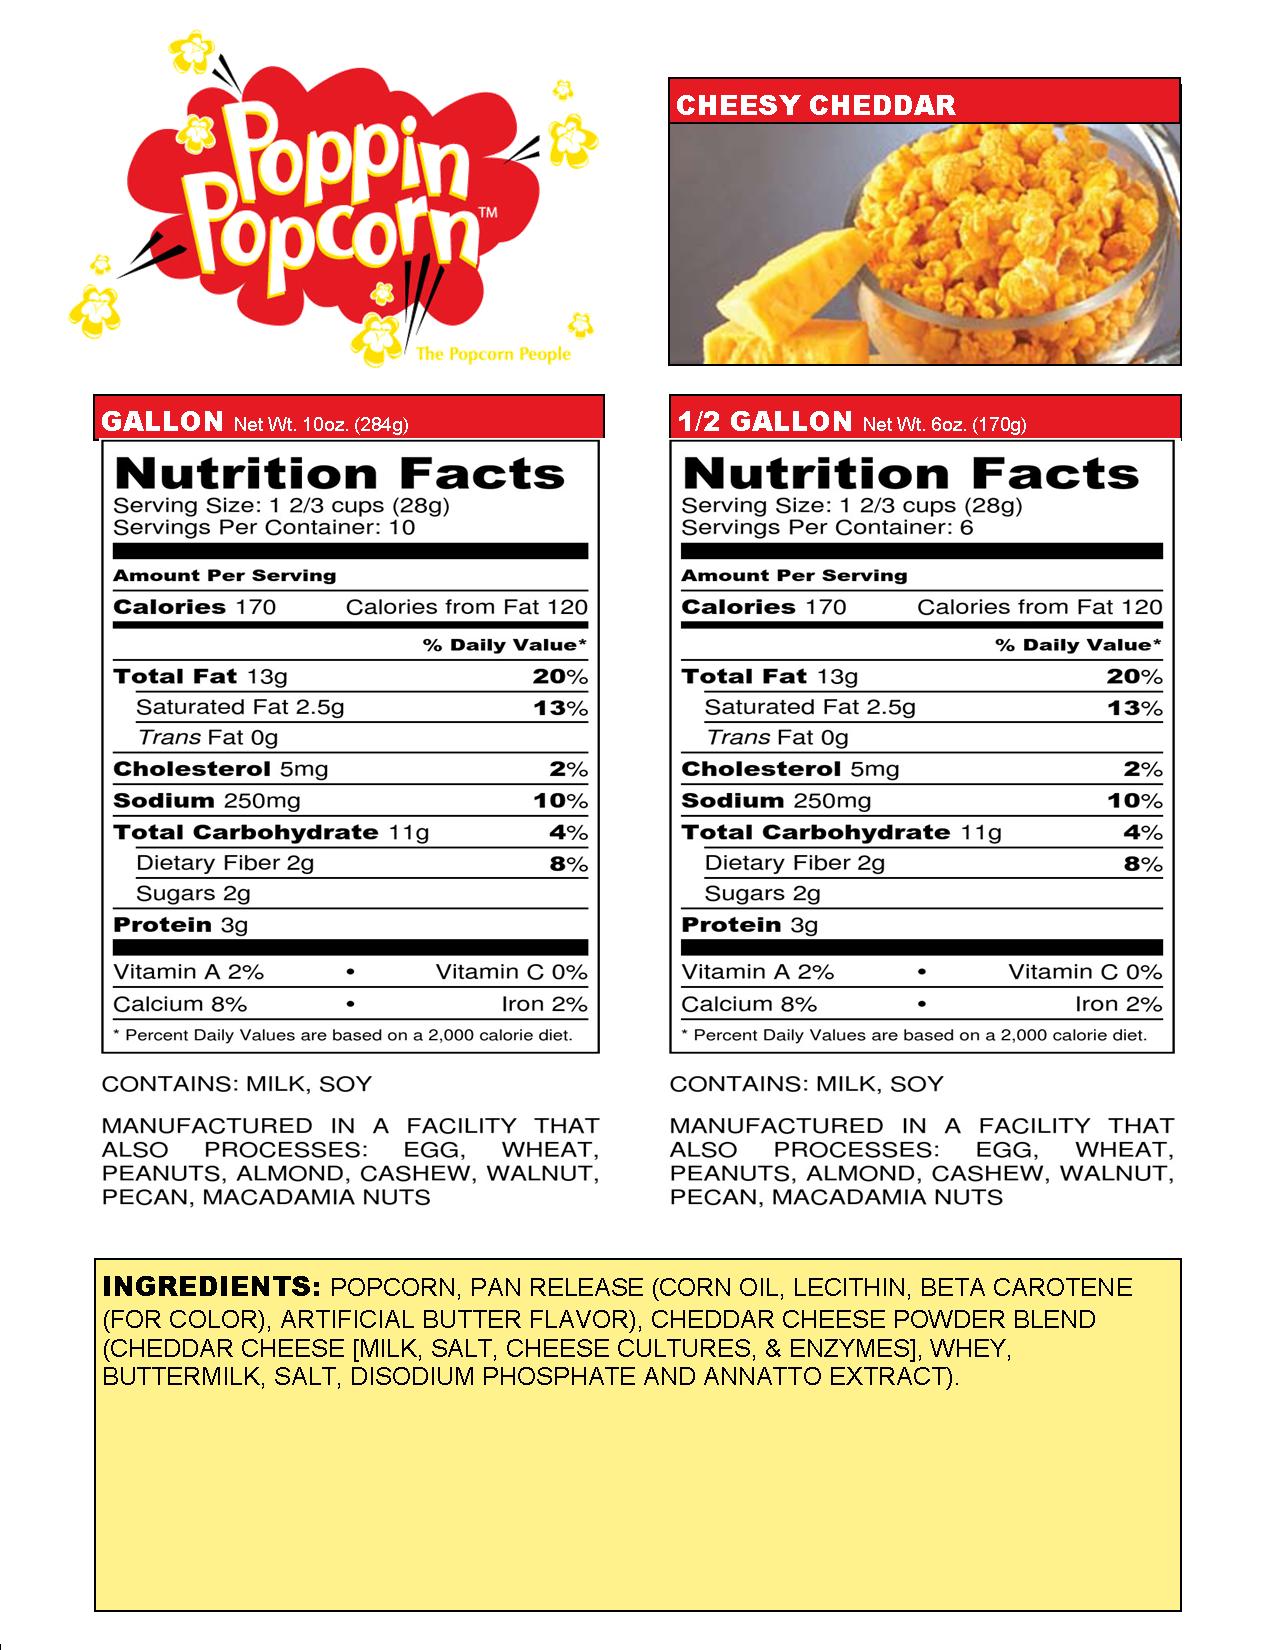 Cheesy Cheddar Web Nutritional